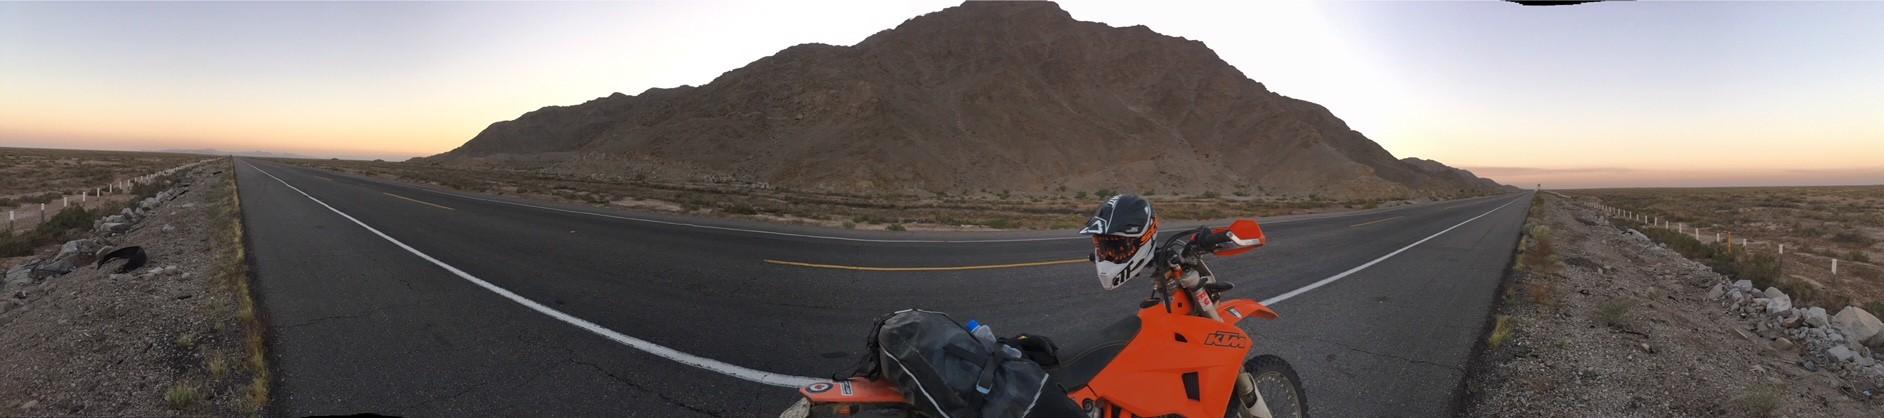 KTM 500 EXC in Baja with Giant Loop's Coyote Saddlebag